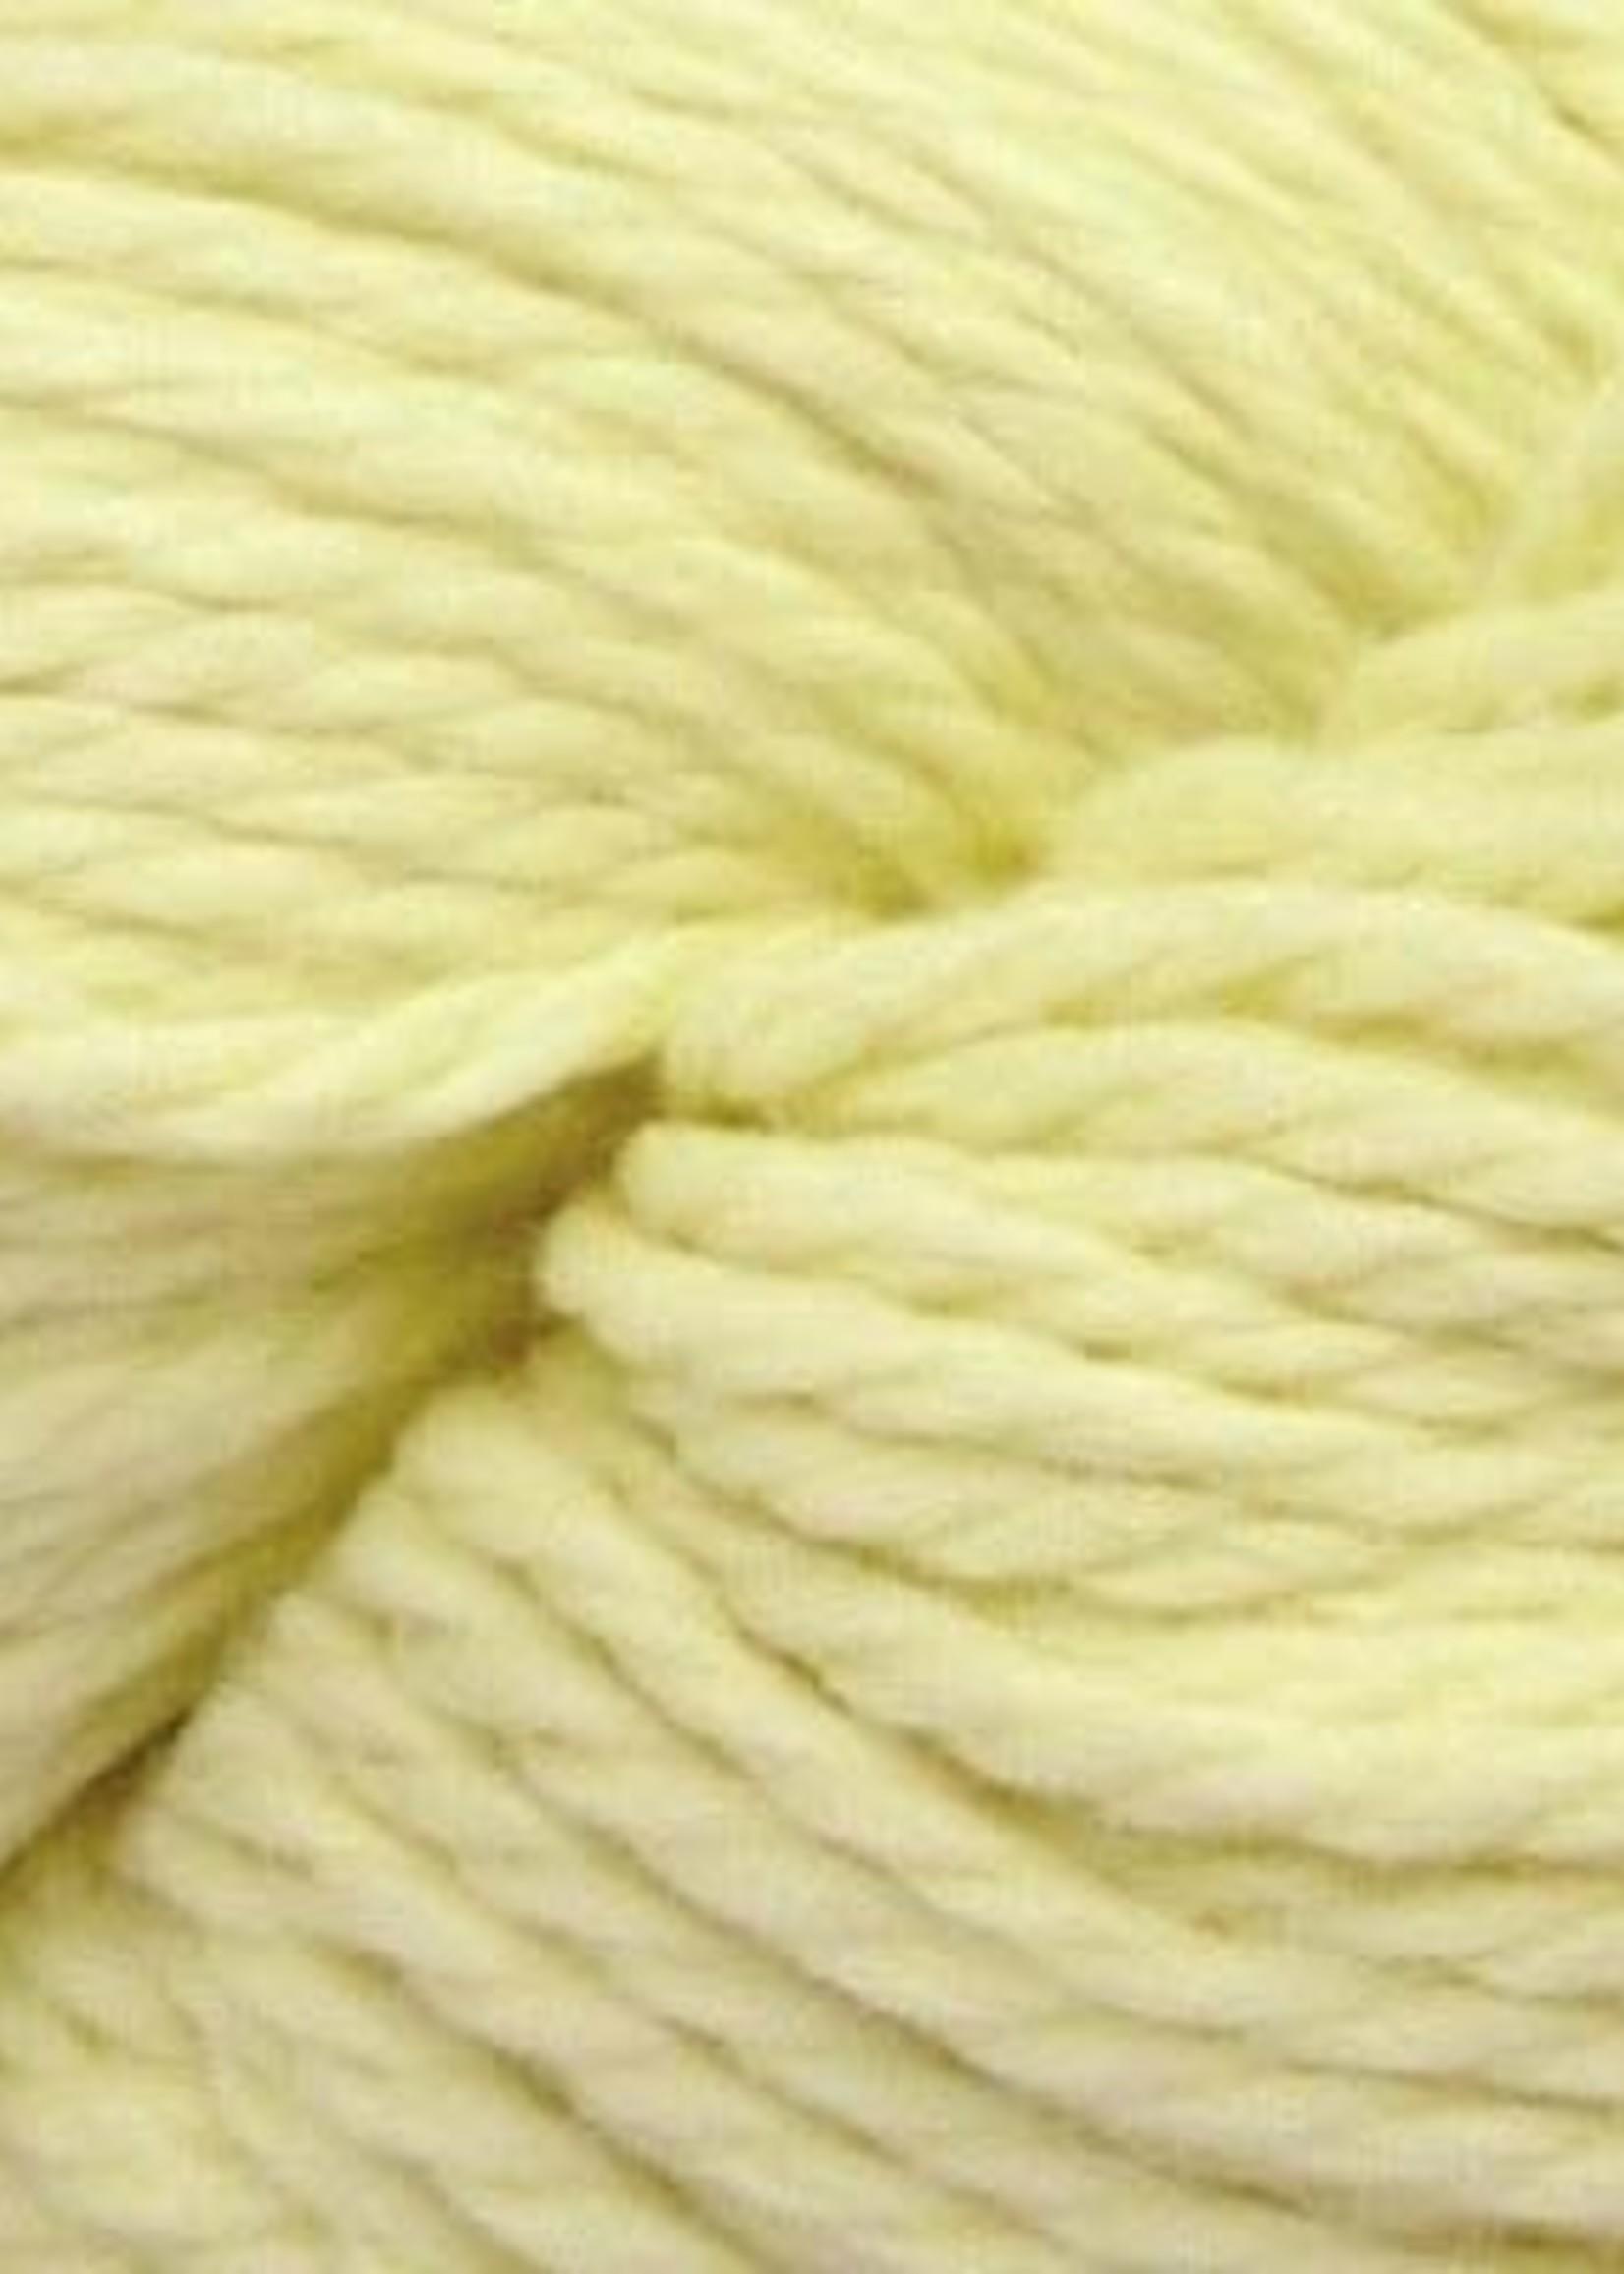 Estelle Yarns Estelle Cloud Cotton Yarn #125 Baby Sunshine